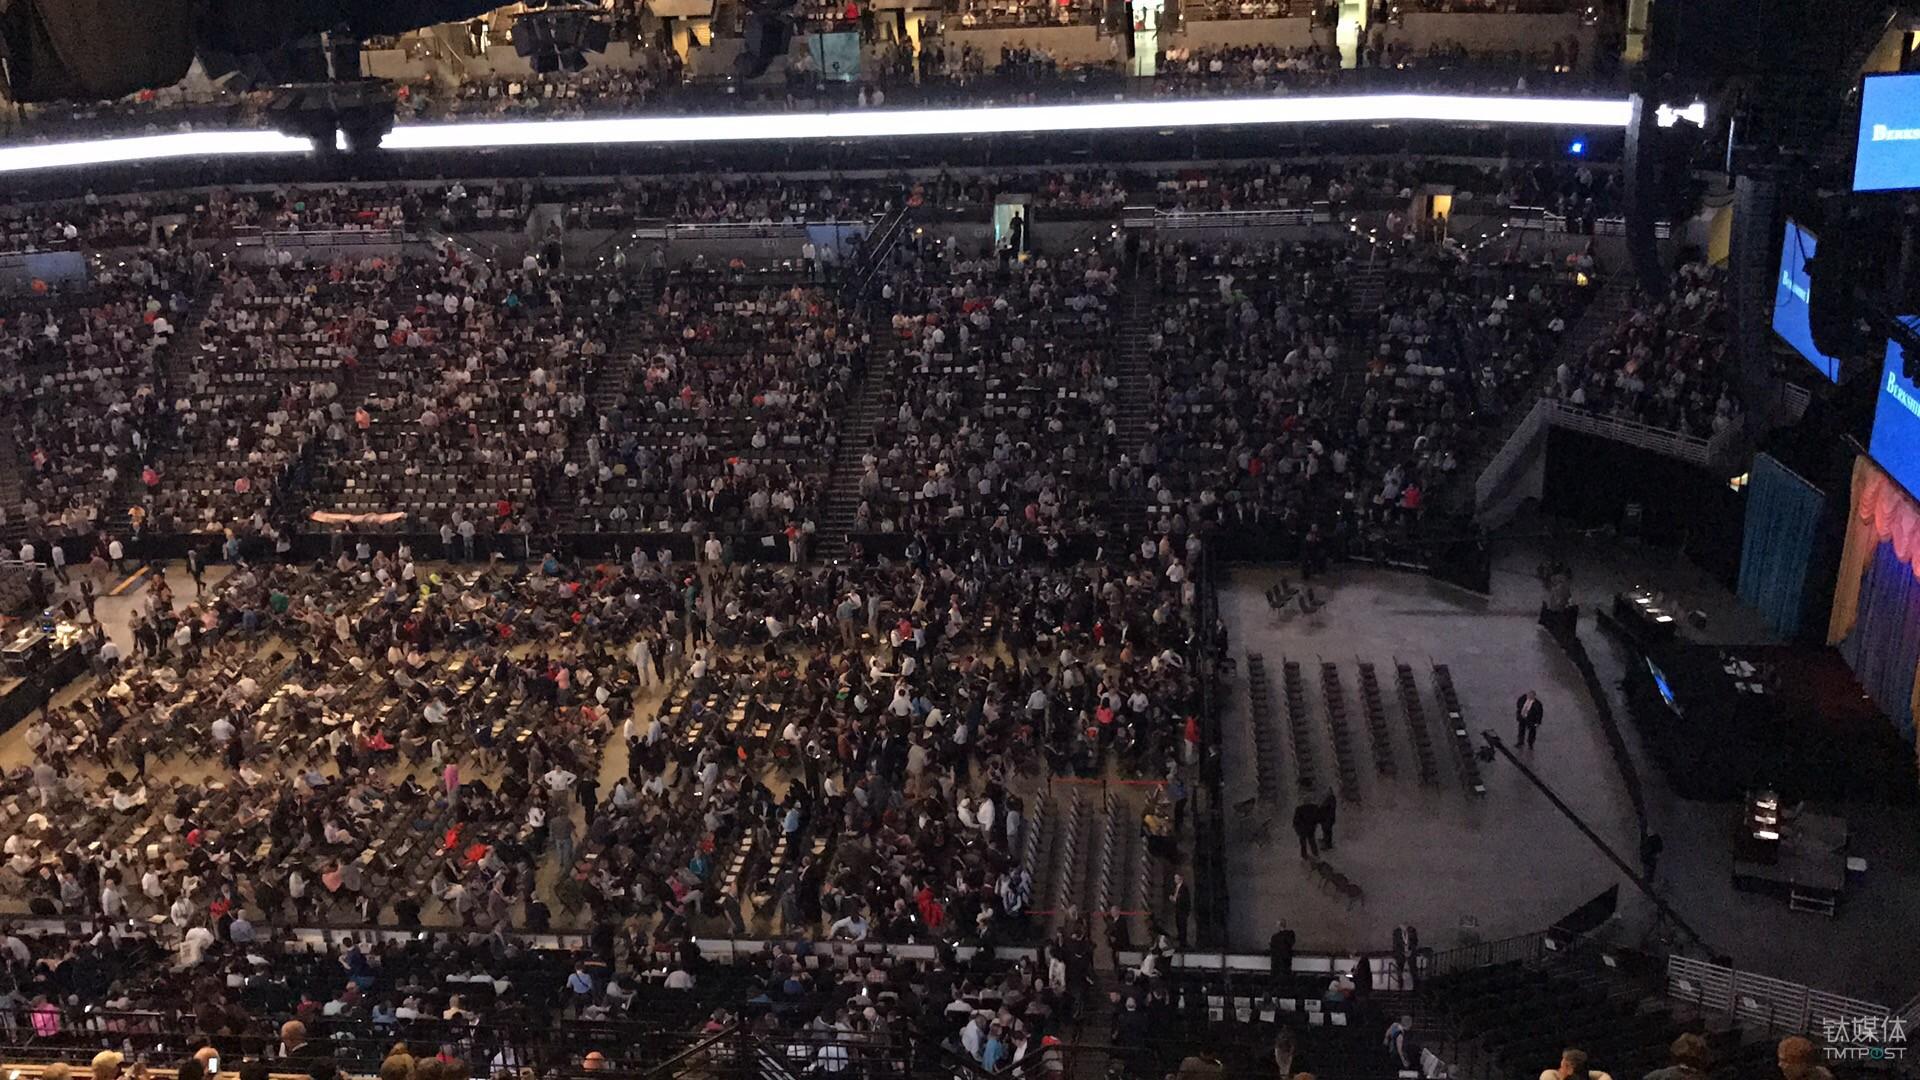 才刚刚七点多,正式入场十分钟。现场已基本坐满。